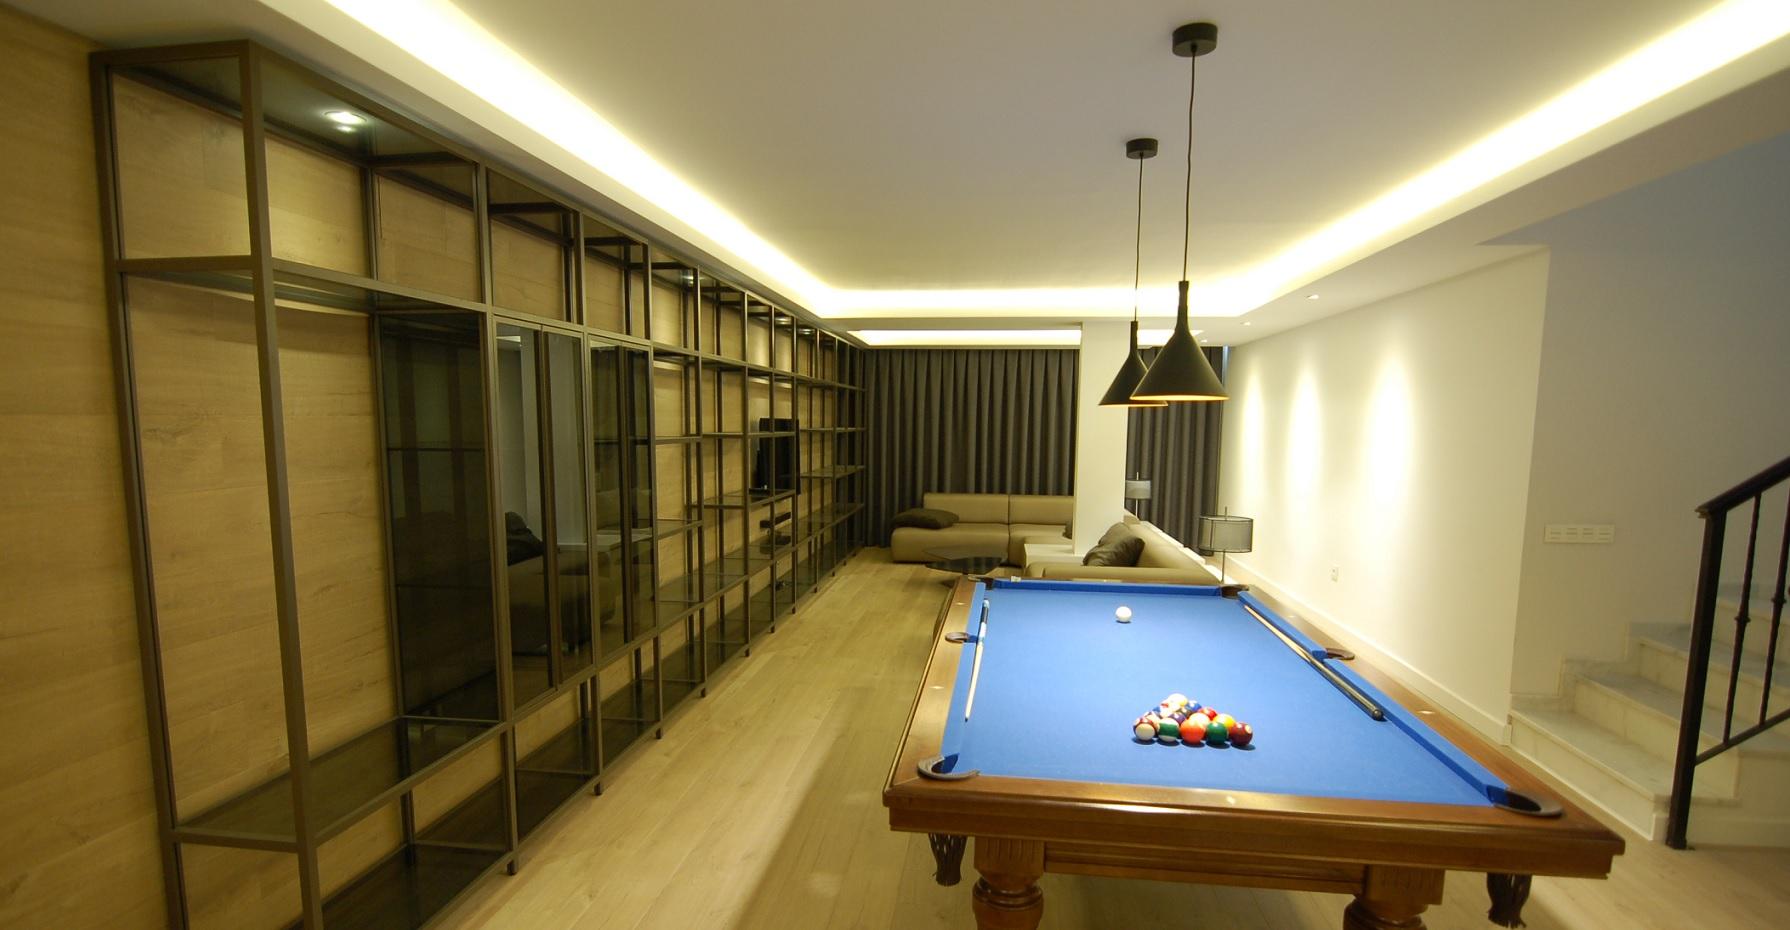 Estado final proyecto dise o de interiores enjoy - Proyecto diseno de interiores ...